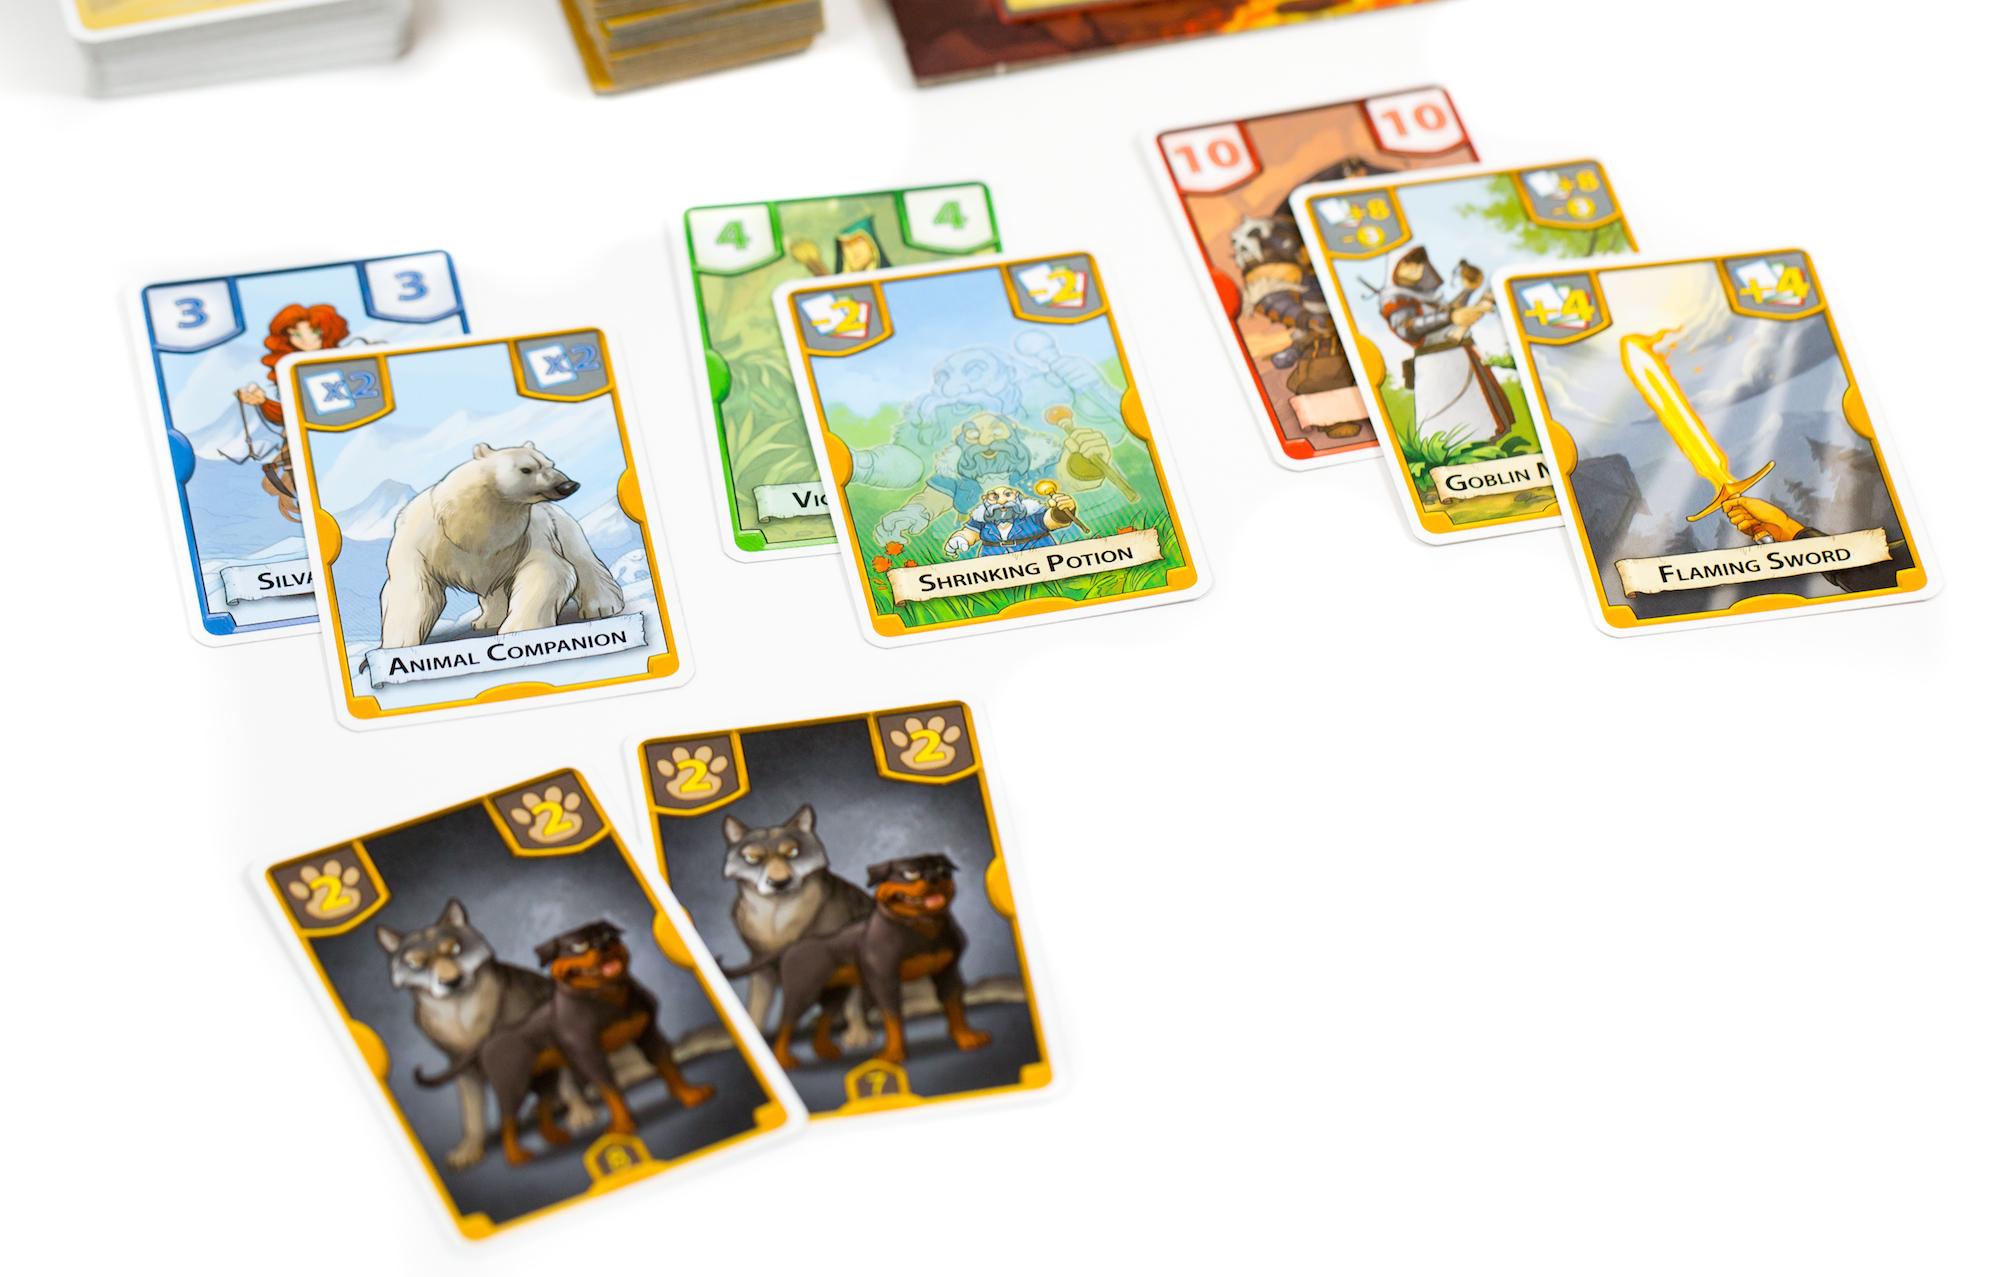 A Fagyott Hegyen segítségül hívta a csapat a segítő állatot, így 6-os erejű a csapatuk. Az őserdőben felhasználták a Zsugorító akció kártyát, így a csapat ereje: 2-es. A Láva Barlangban segítettek a Goblin Zsoldosok, no és a lángoló kard is, végül 22 lett a csapat ereje. Az örzőkutyák olyan erősek, hogy gond nélkül megvédik a tábort.